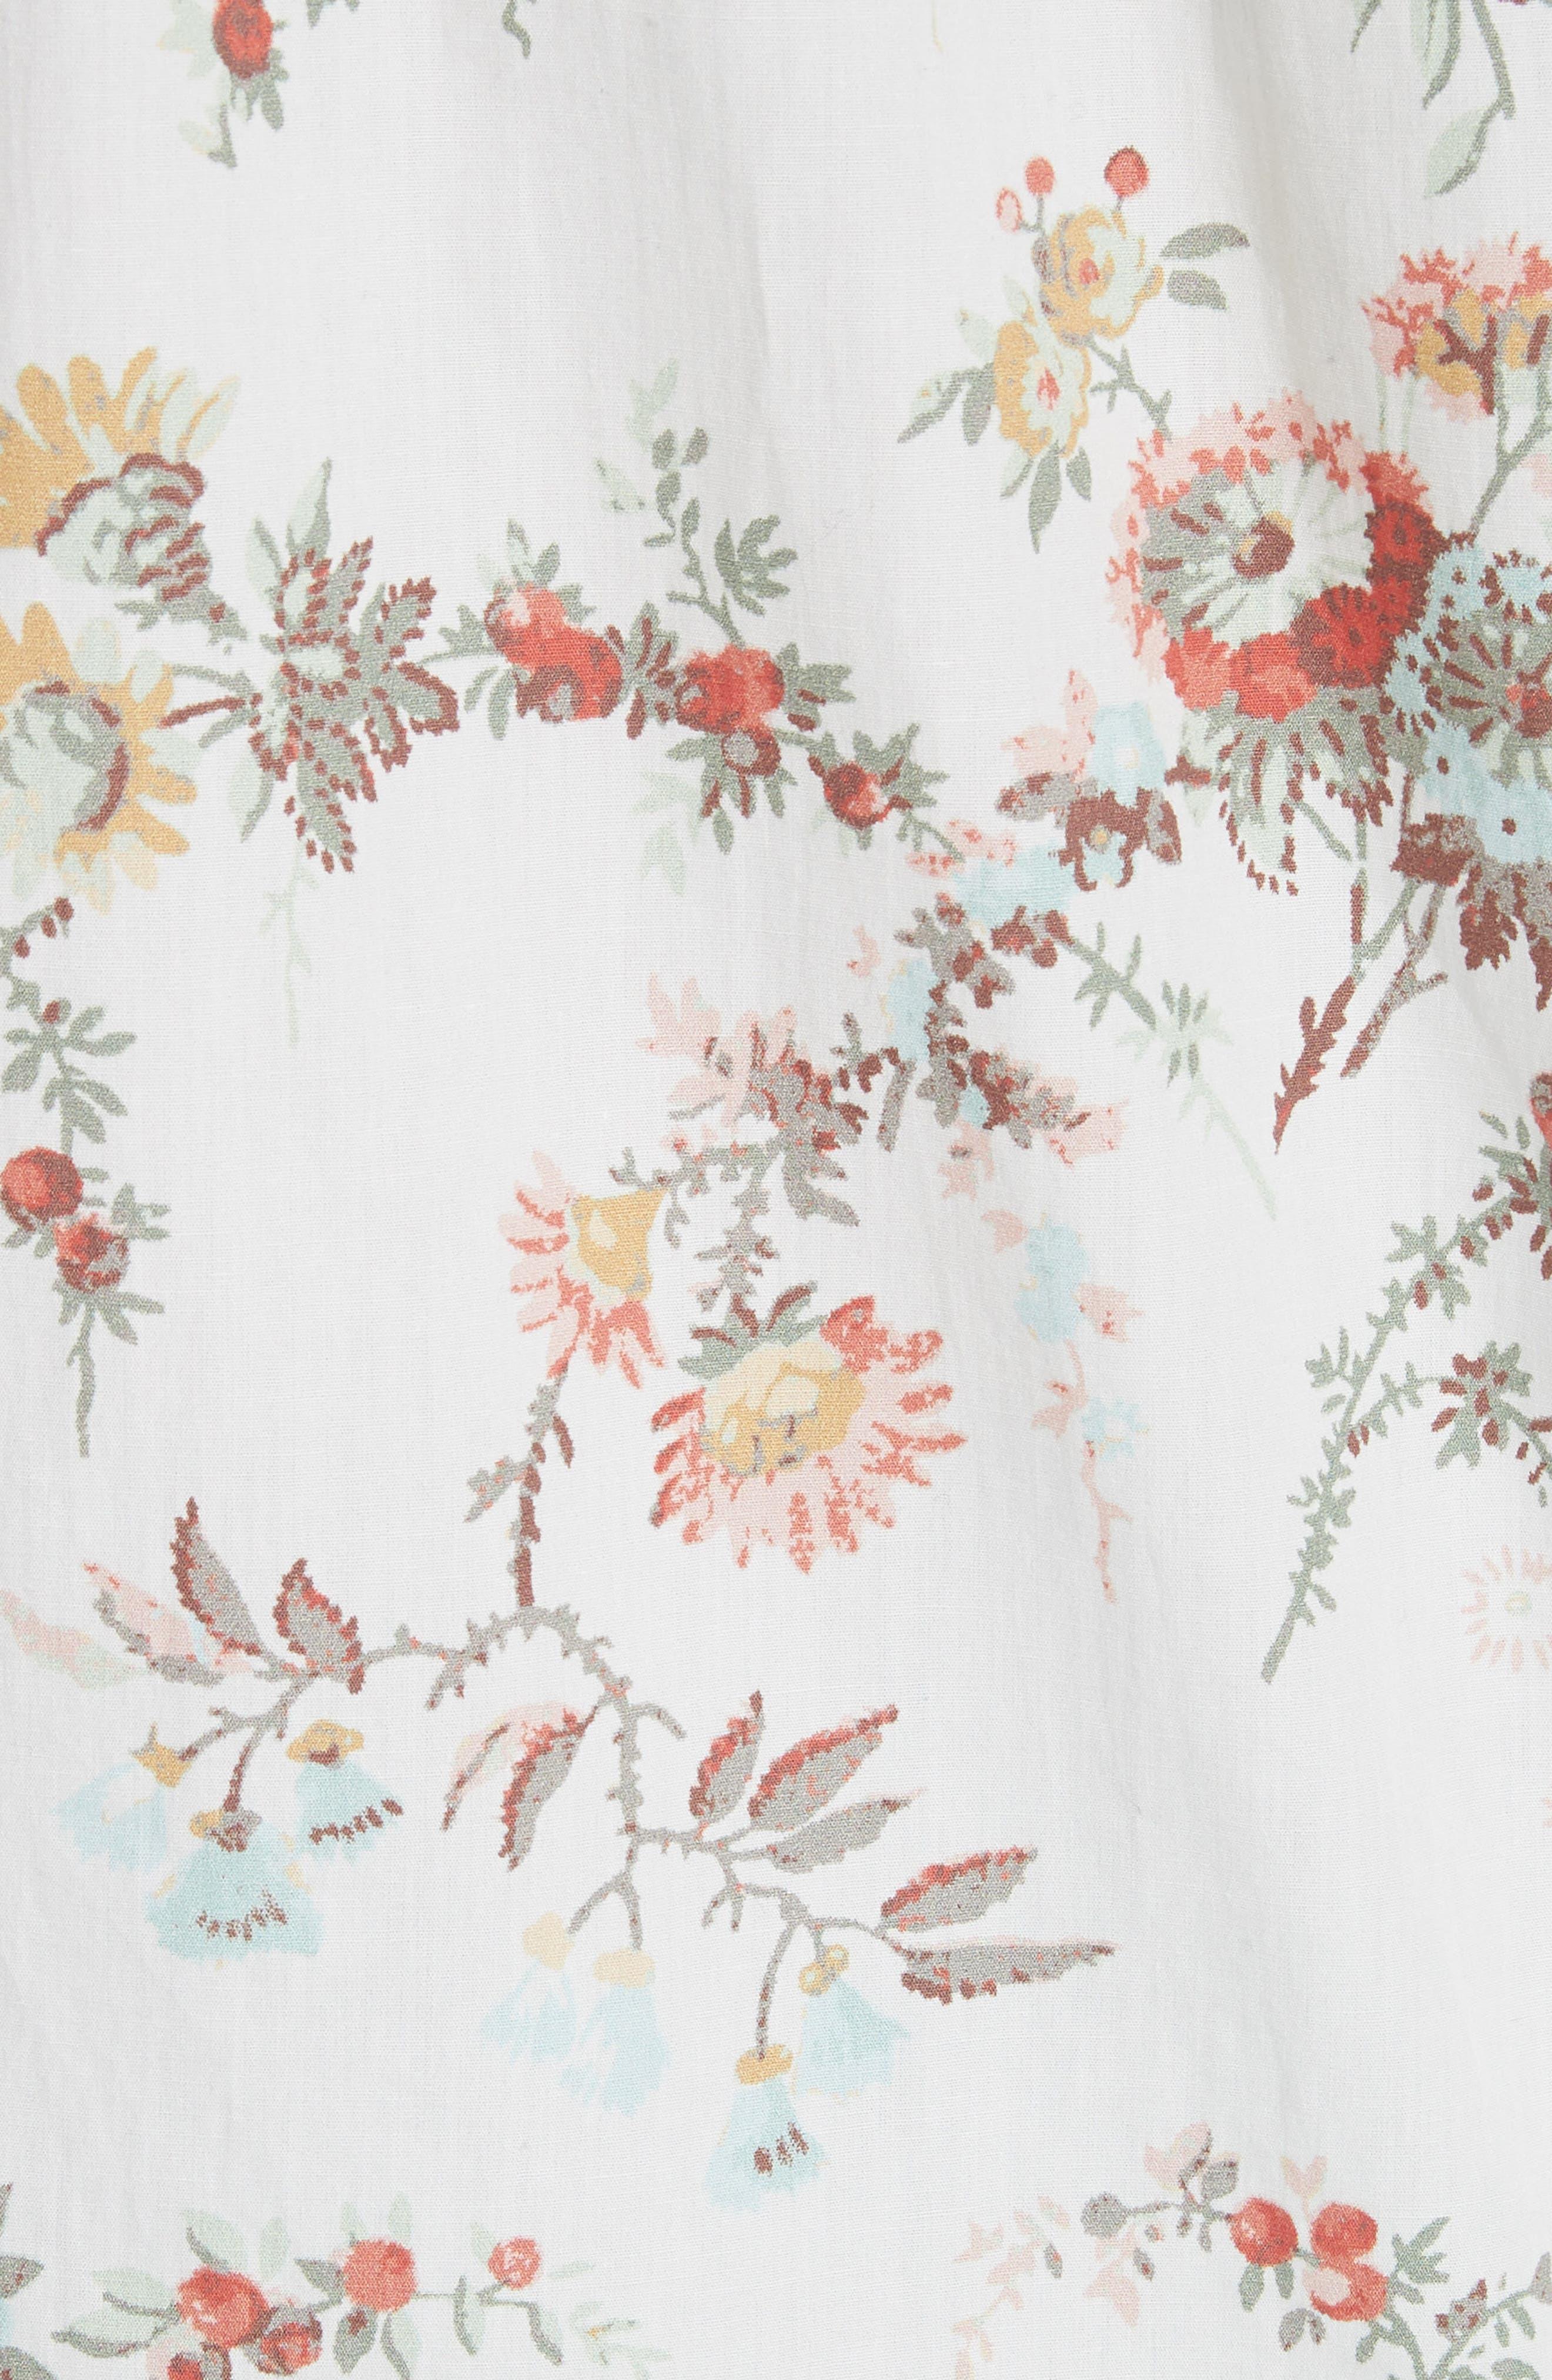 Belle Ruffle Floral Cotton Top,                             Alternate thumbnail 5, color,                             Milk Combo